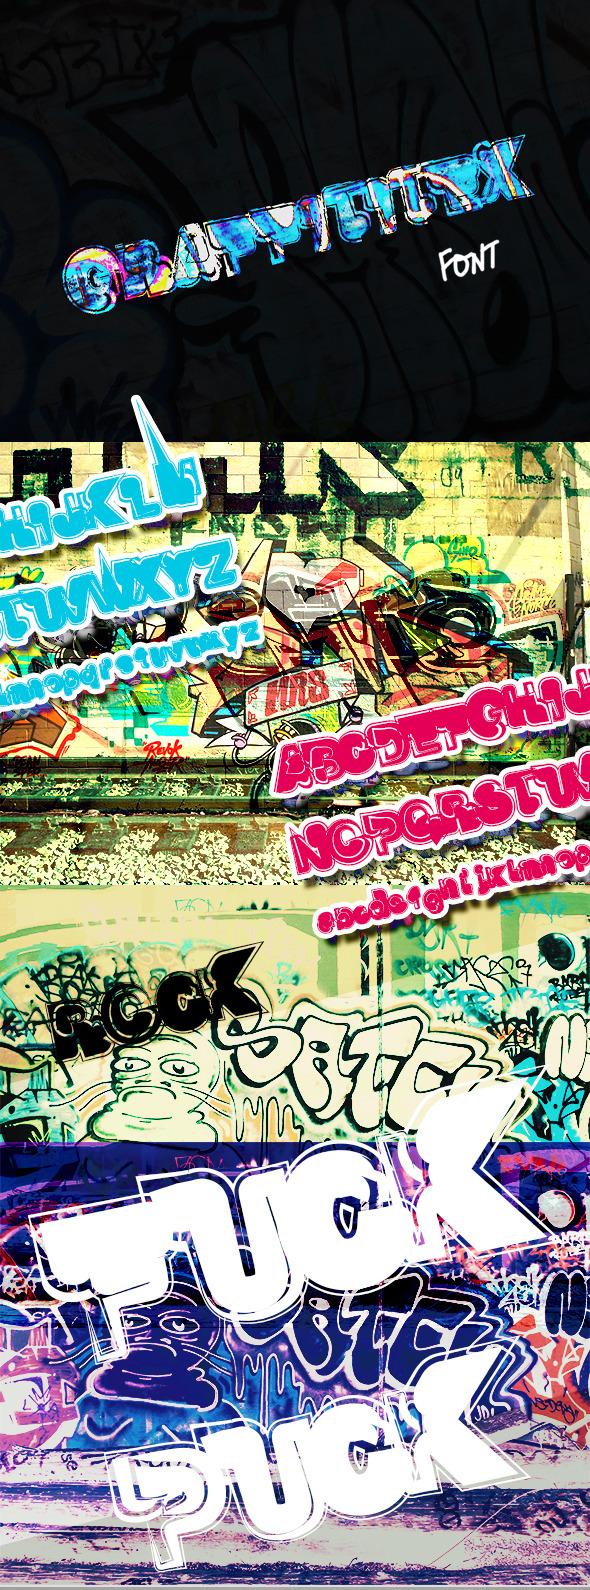 GraphicRiver Graffititex Font 8685525